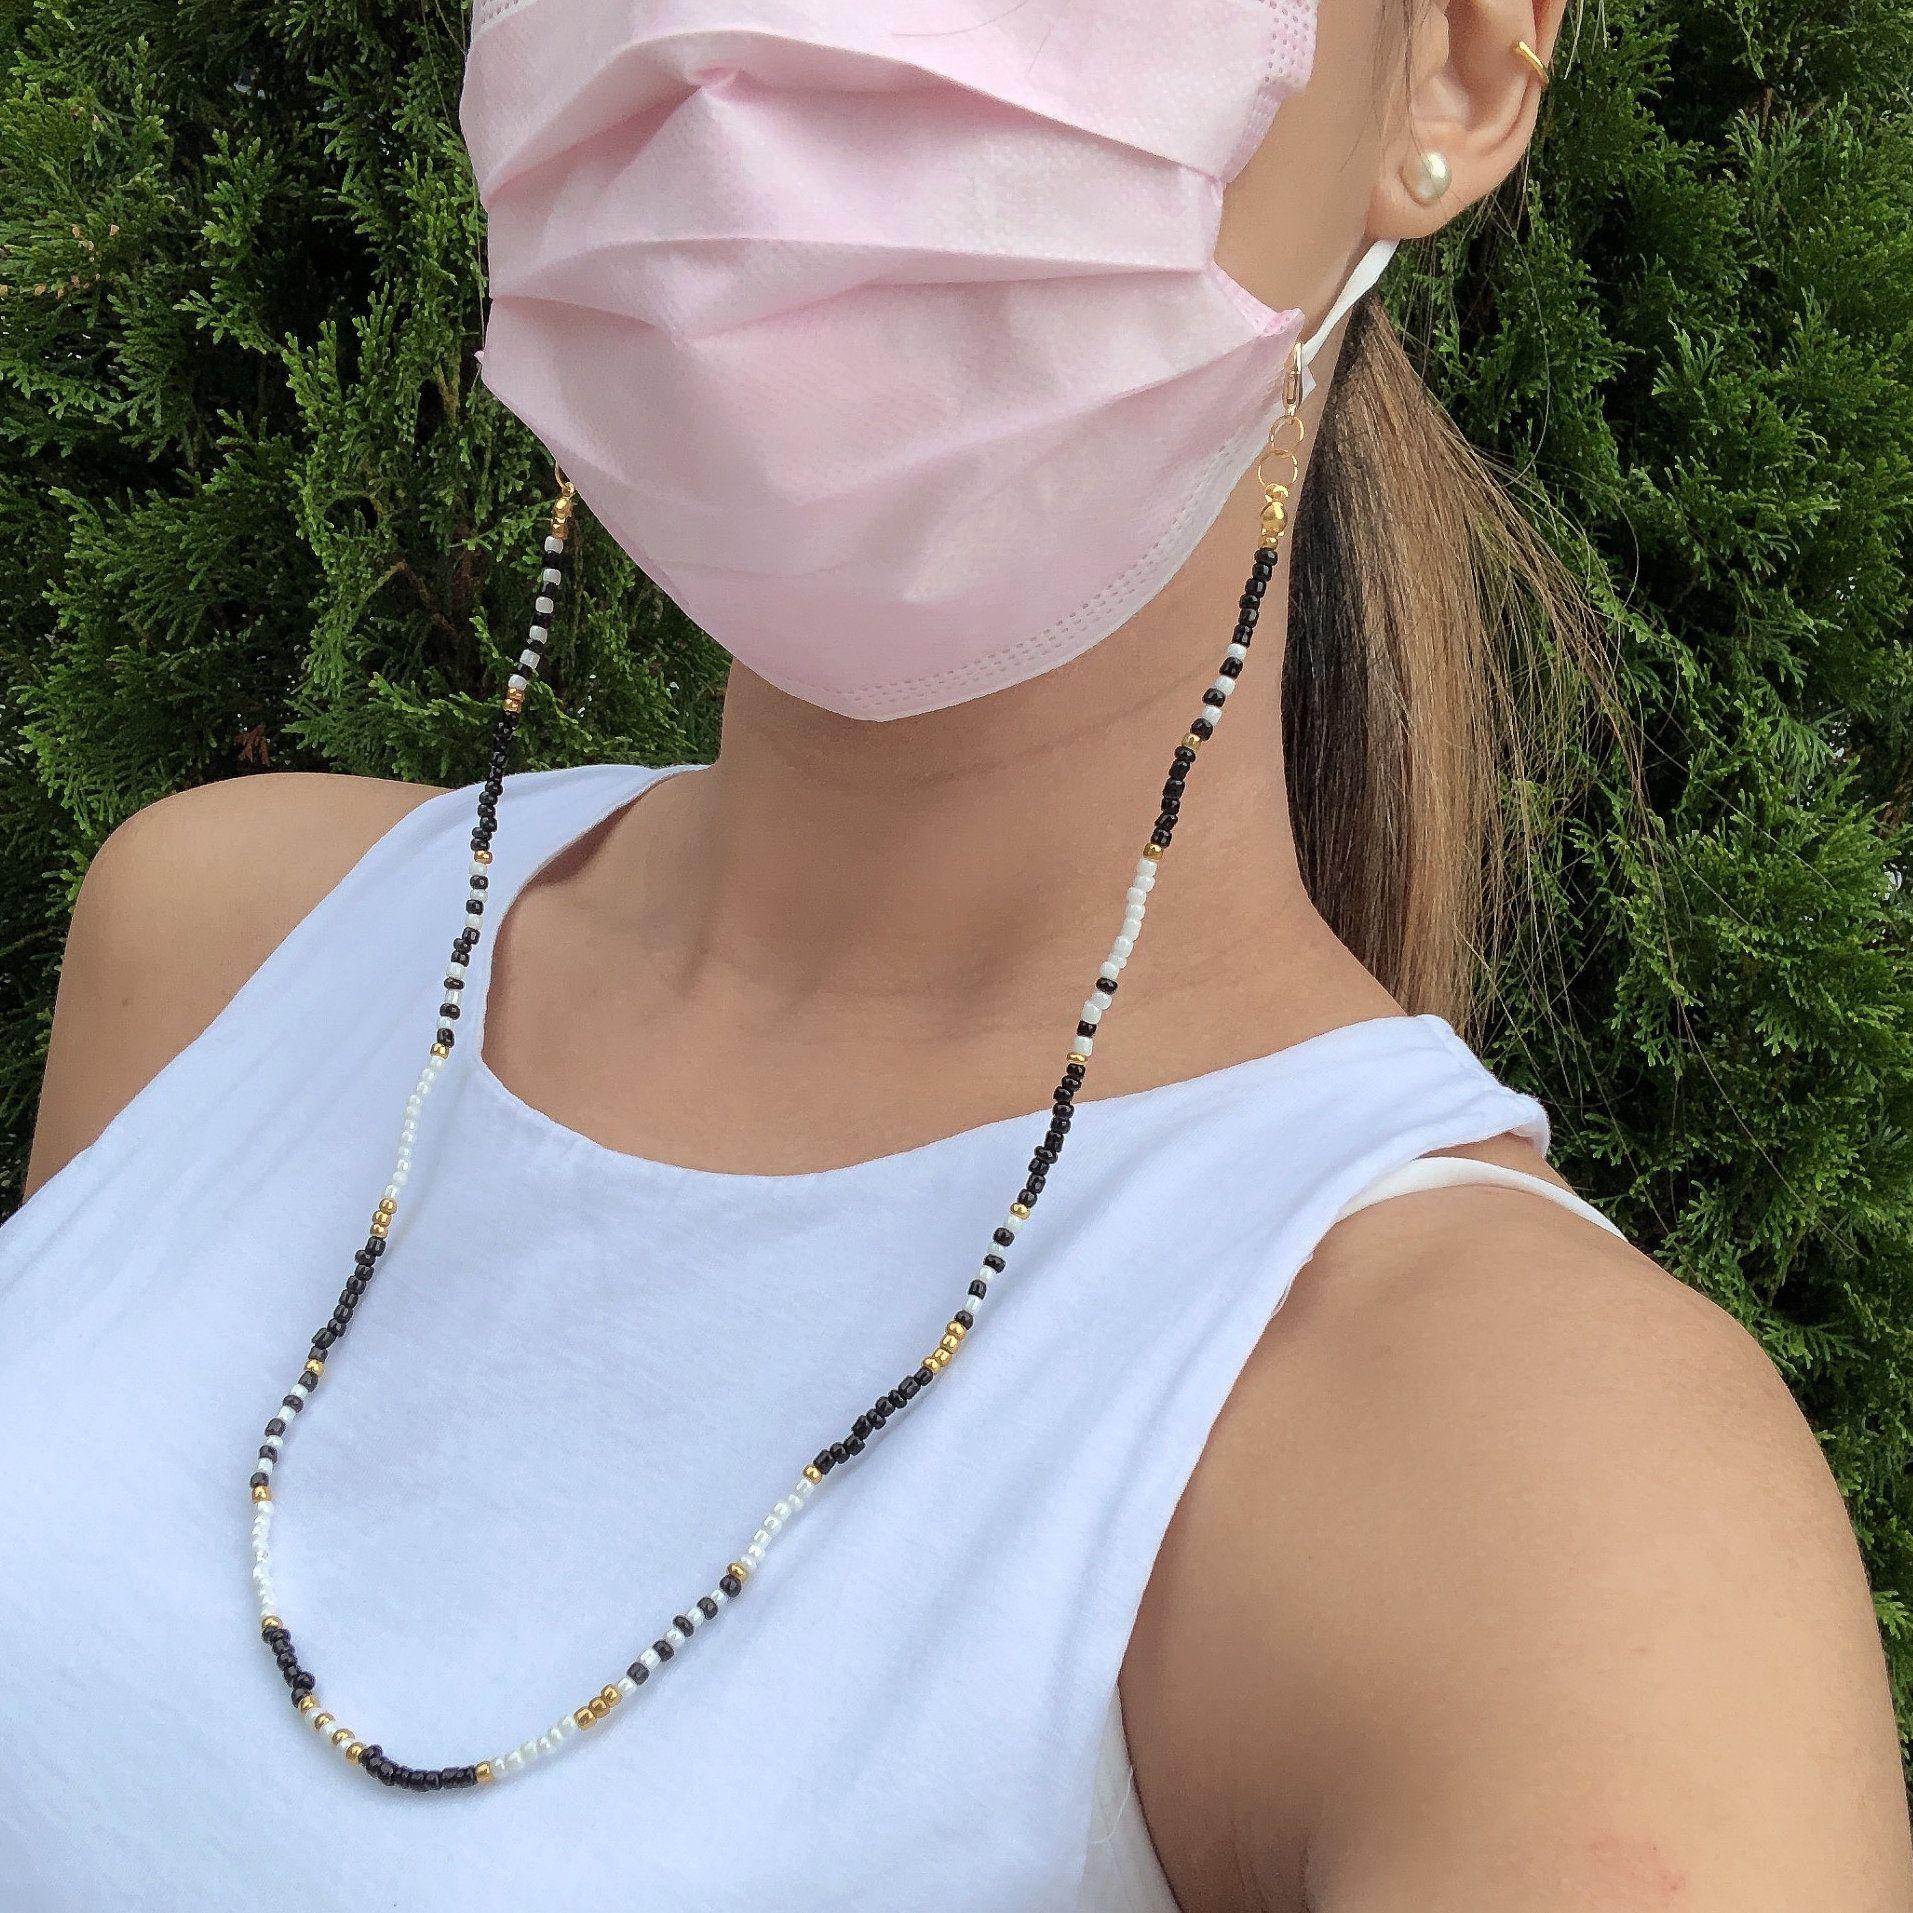 Beaded Mask Lanyard Beaded Mask Chain Holder CUSTOM Mask Chain Beaded Face Mask Chain